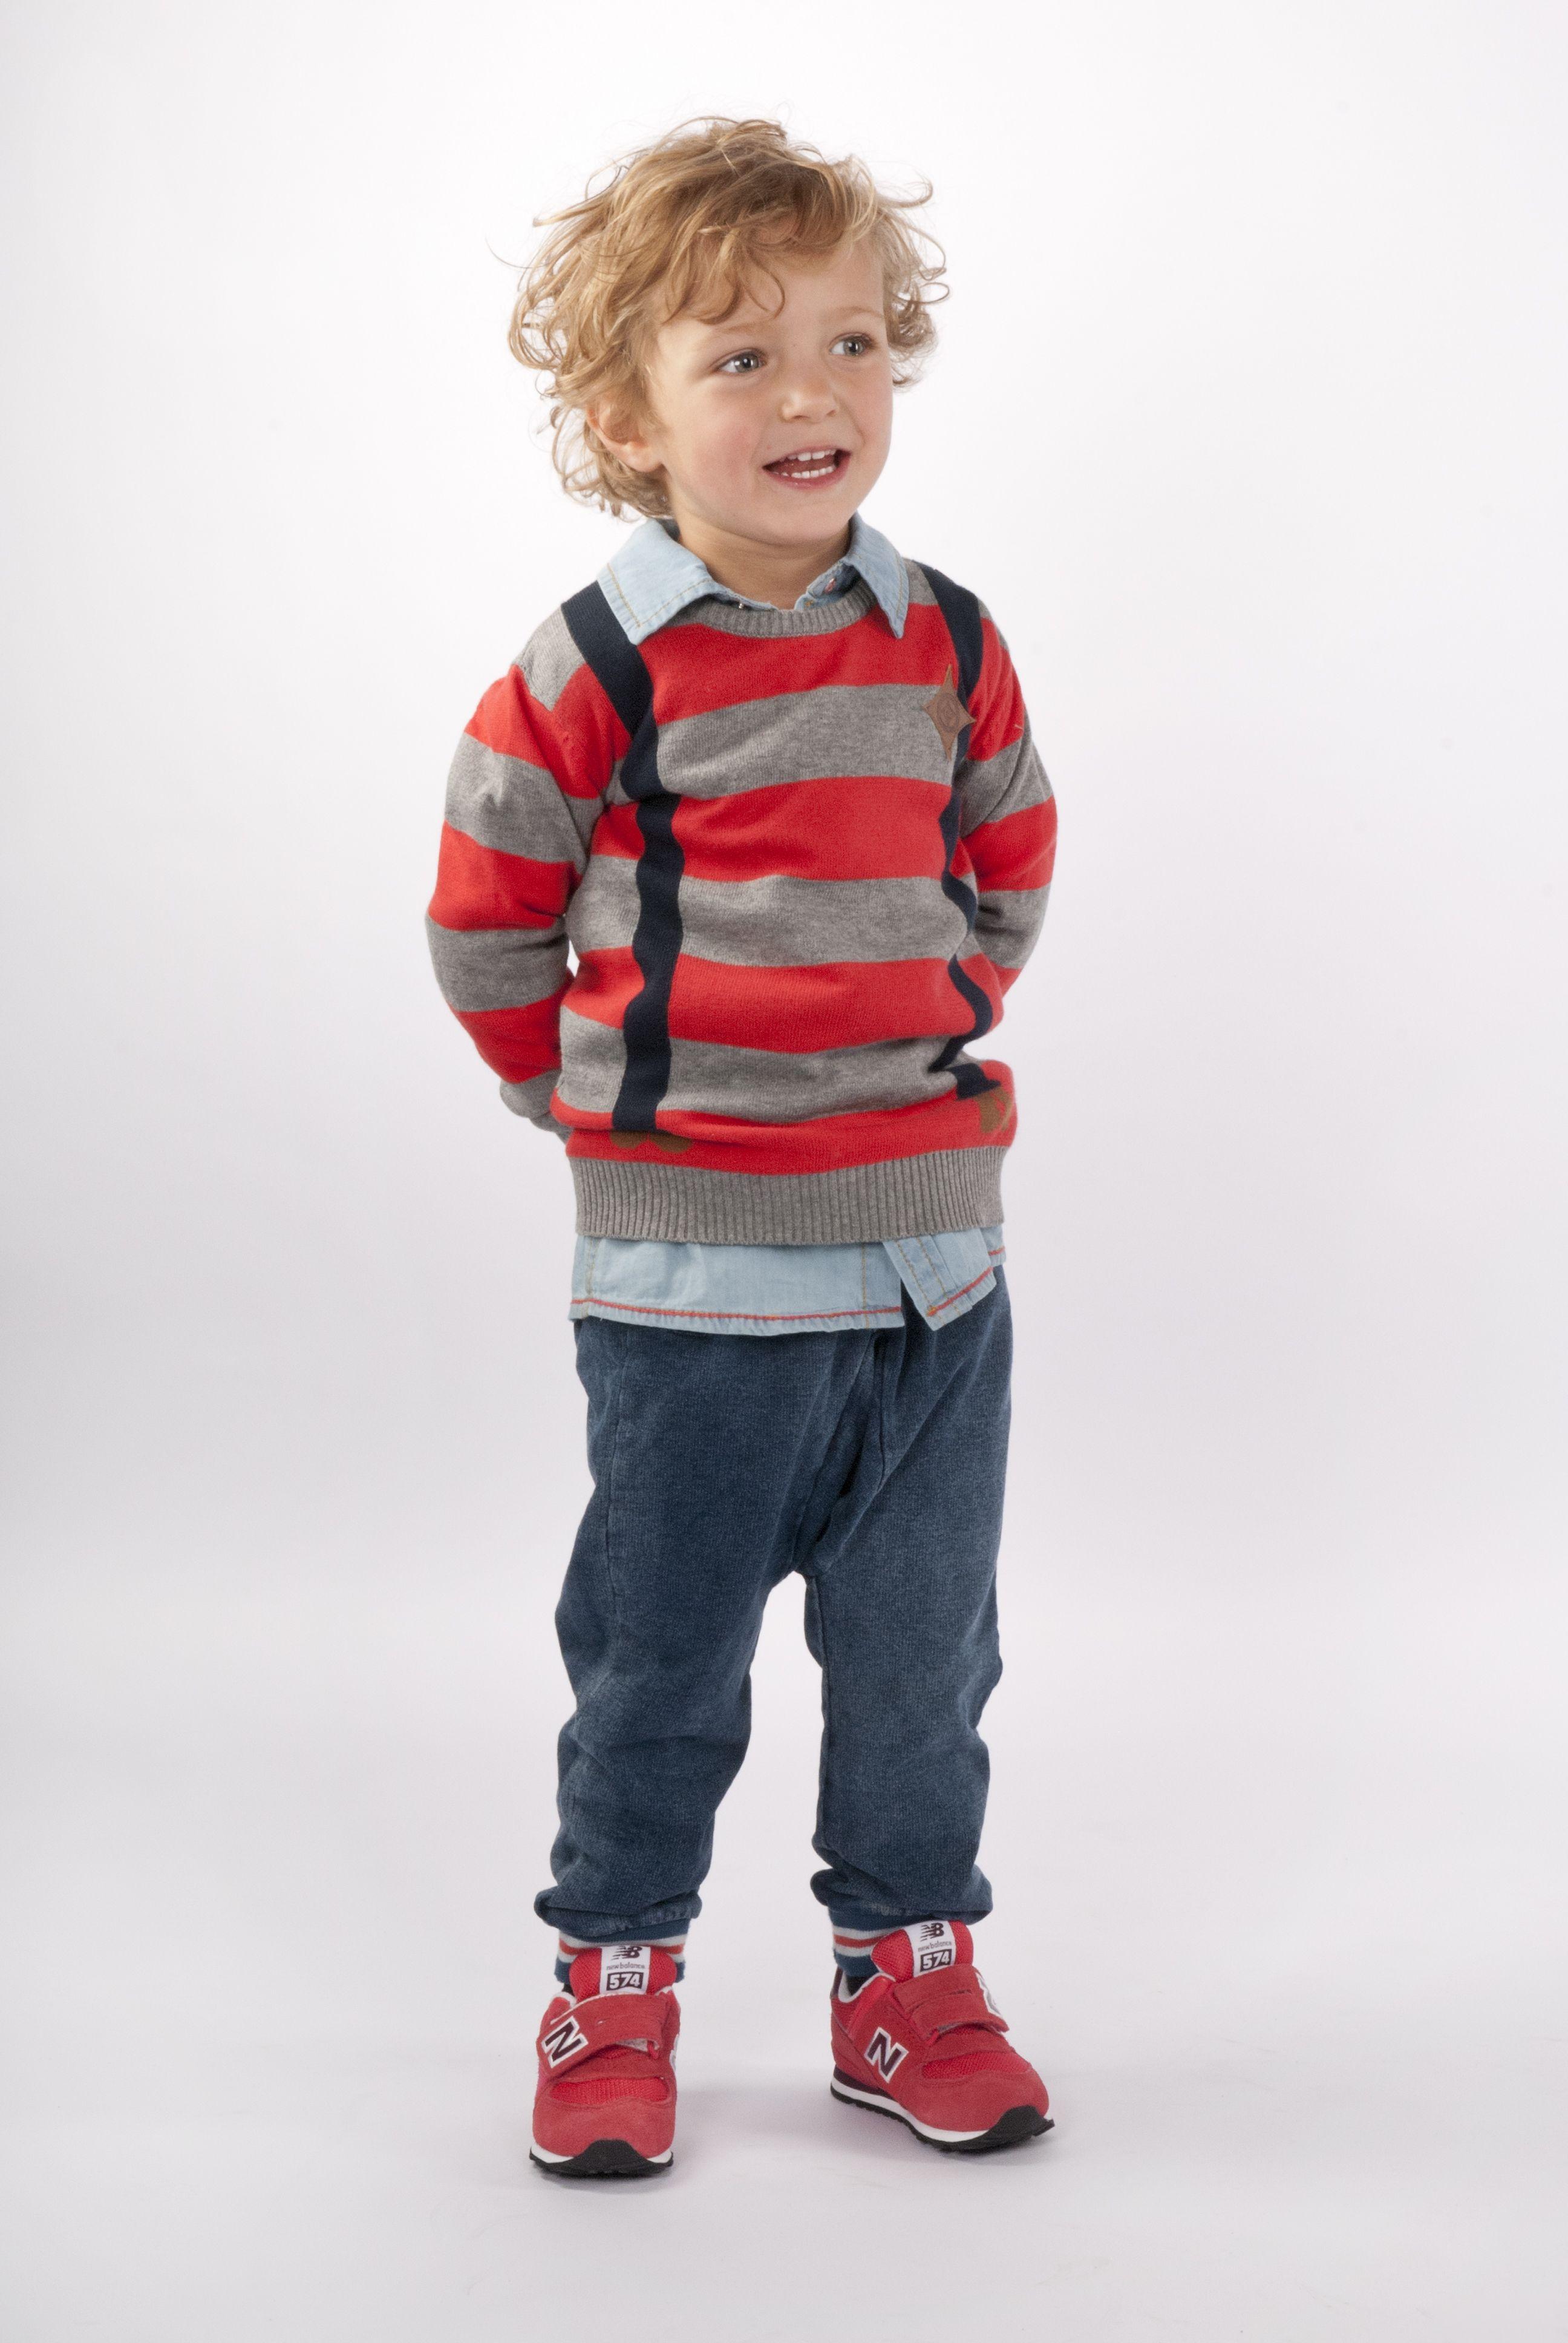 Te Koop Kinderkleding.Kinderkleding Voor Jongens Van Het Merk Flo Te Koop Bij Www Koflo